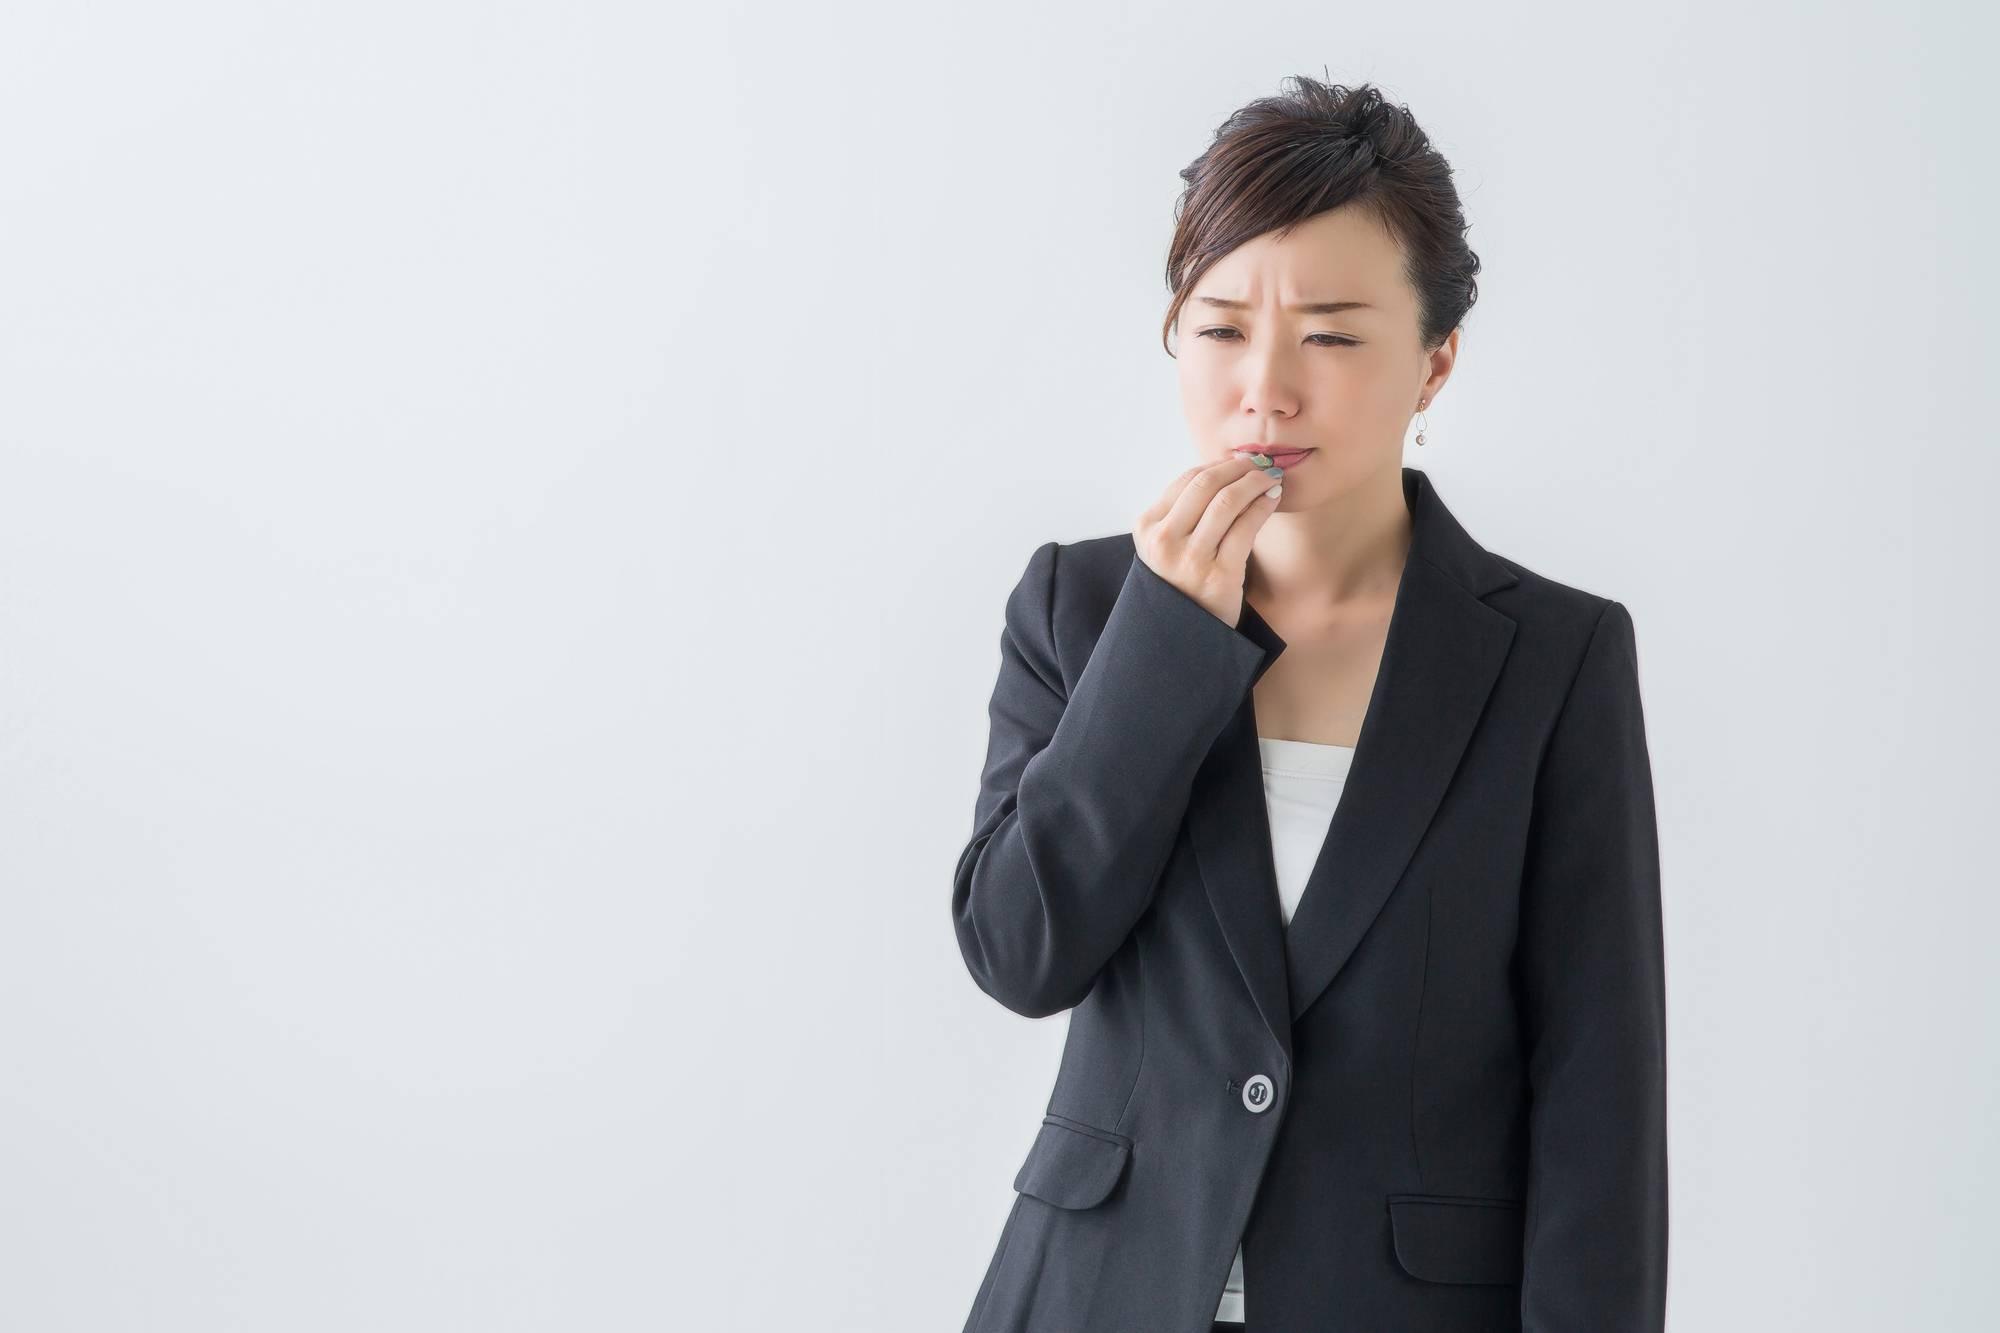 唇が痛い女性